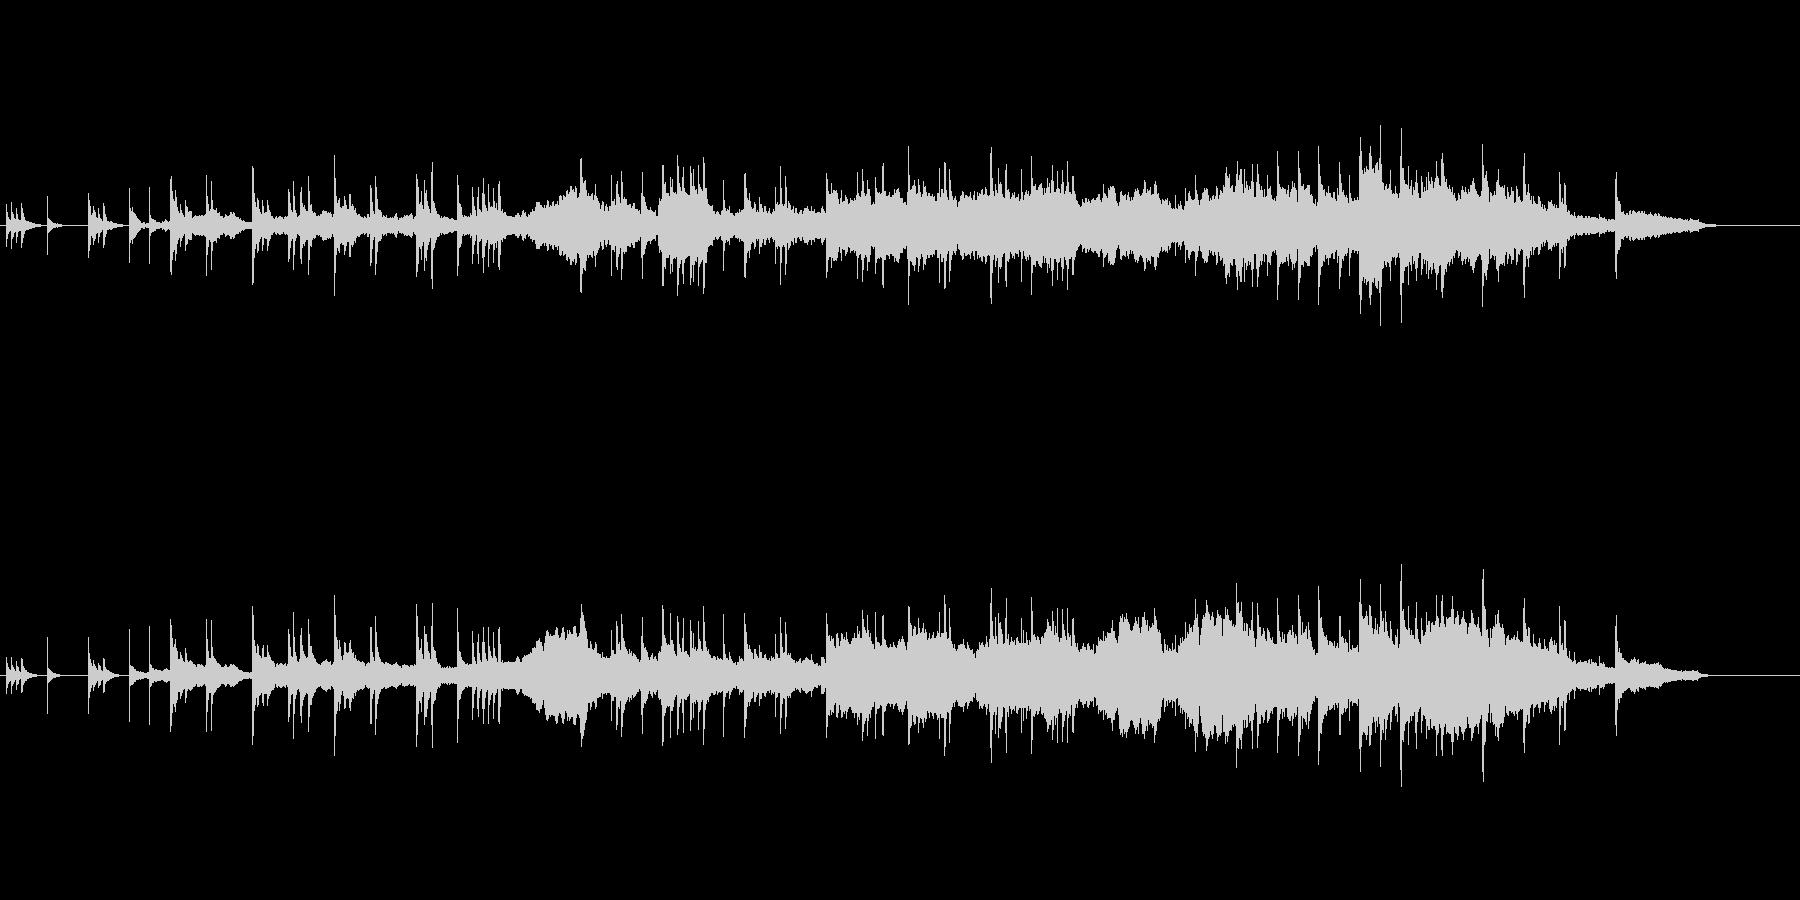 伝統美を追求した琴と尺八による邦楽の未再生の波形